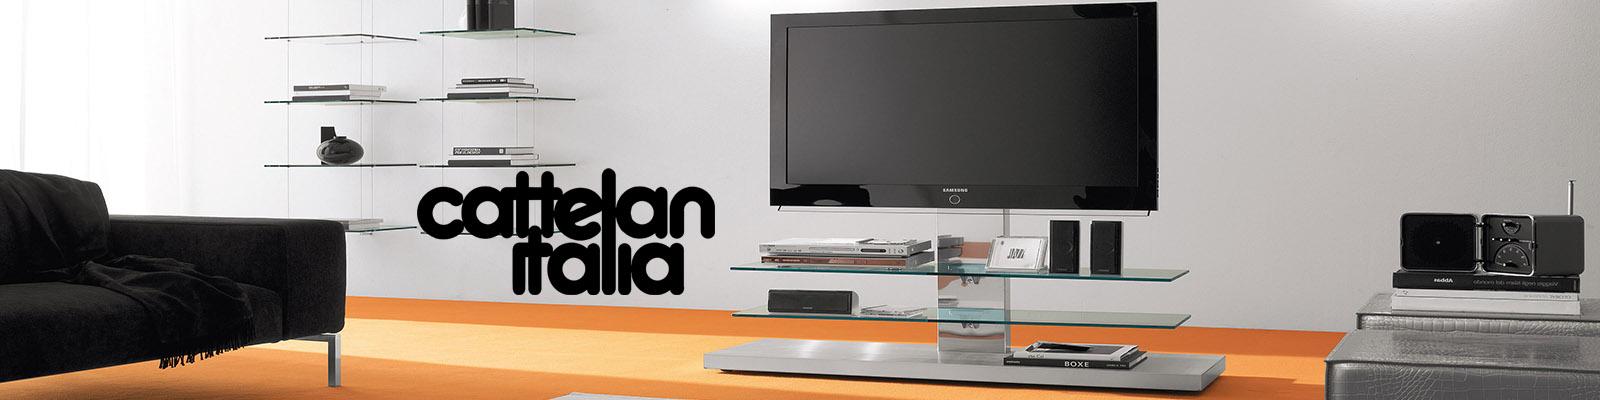 Porta tv panorama di cattelan italia cattelan arredamenti for Cattelan arredamenti